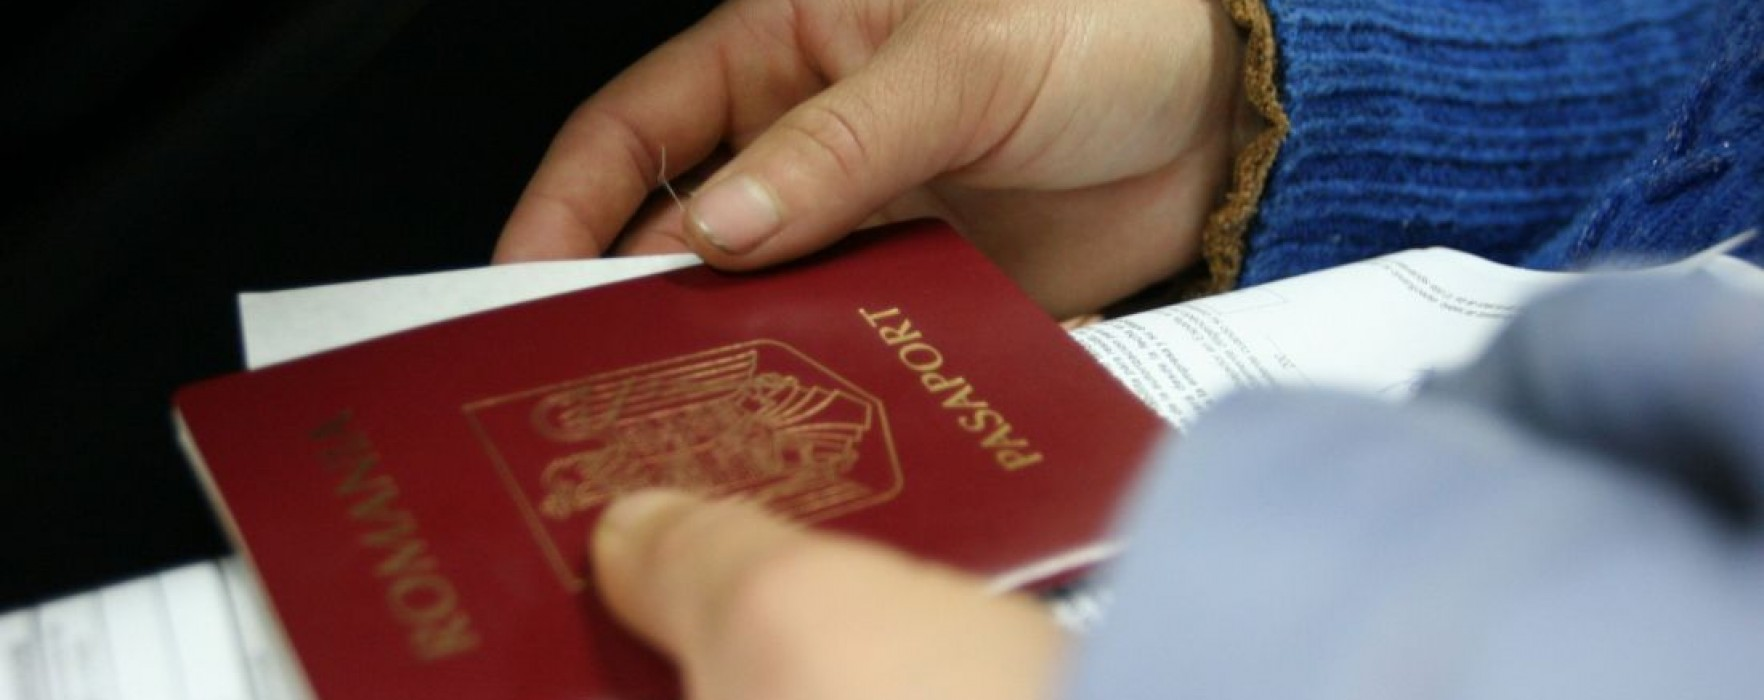 Dâmboviţa: Solicitările de paşapoarte se dublează în iulie-august; ce trebuie să faci să scapi de înghesuială